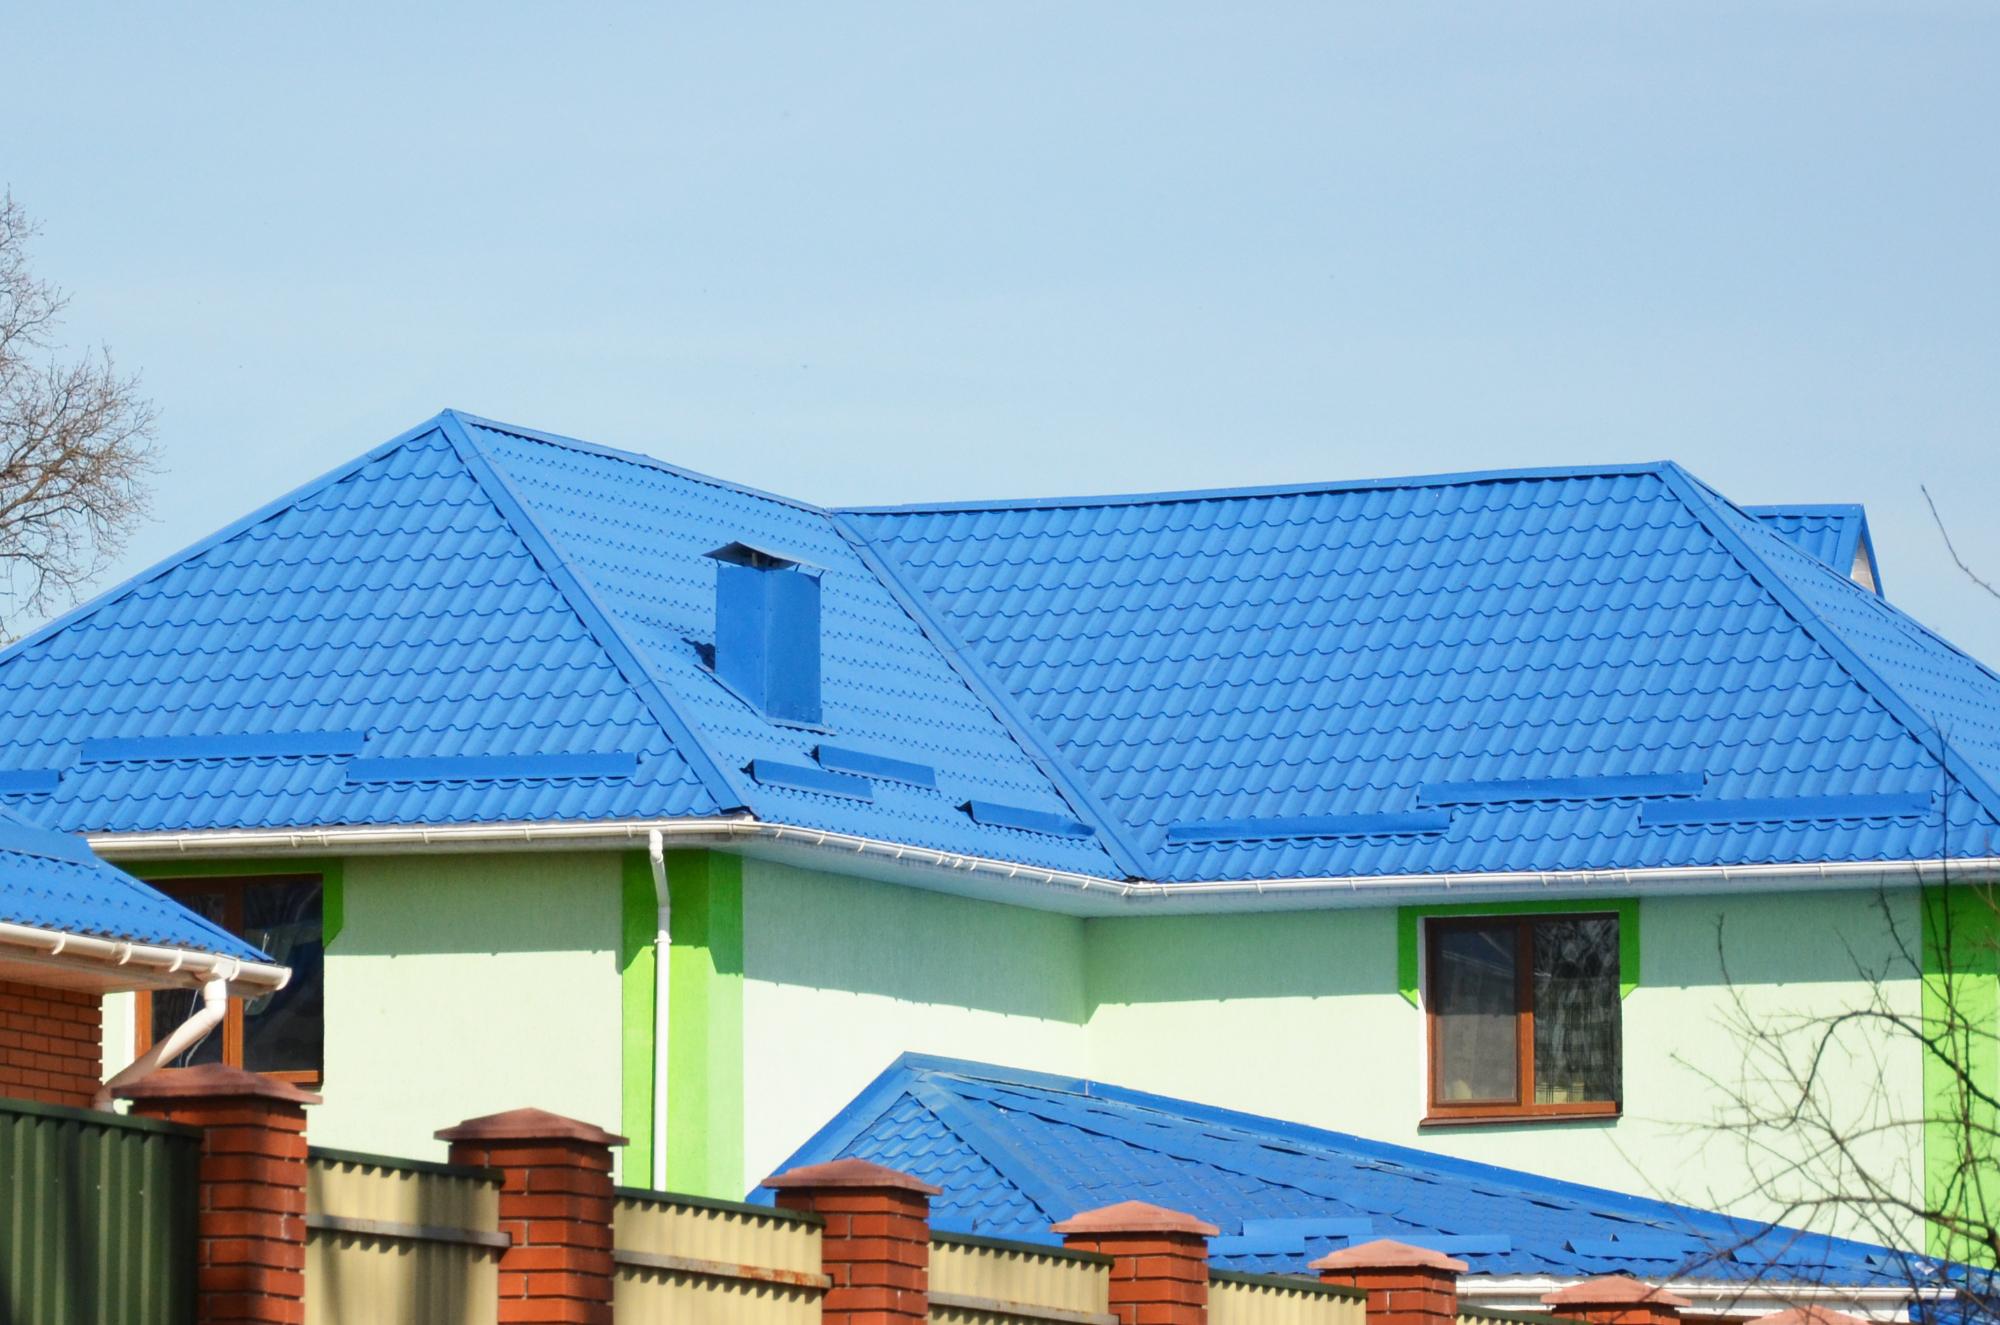 металлочерепица синяя фото домов идеальный способ